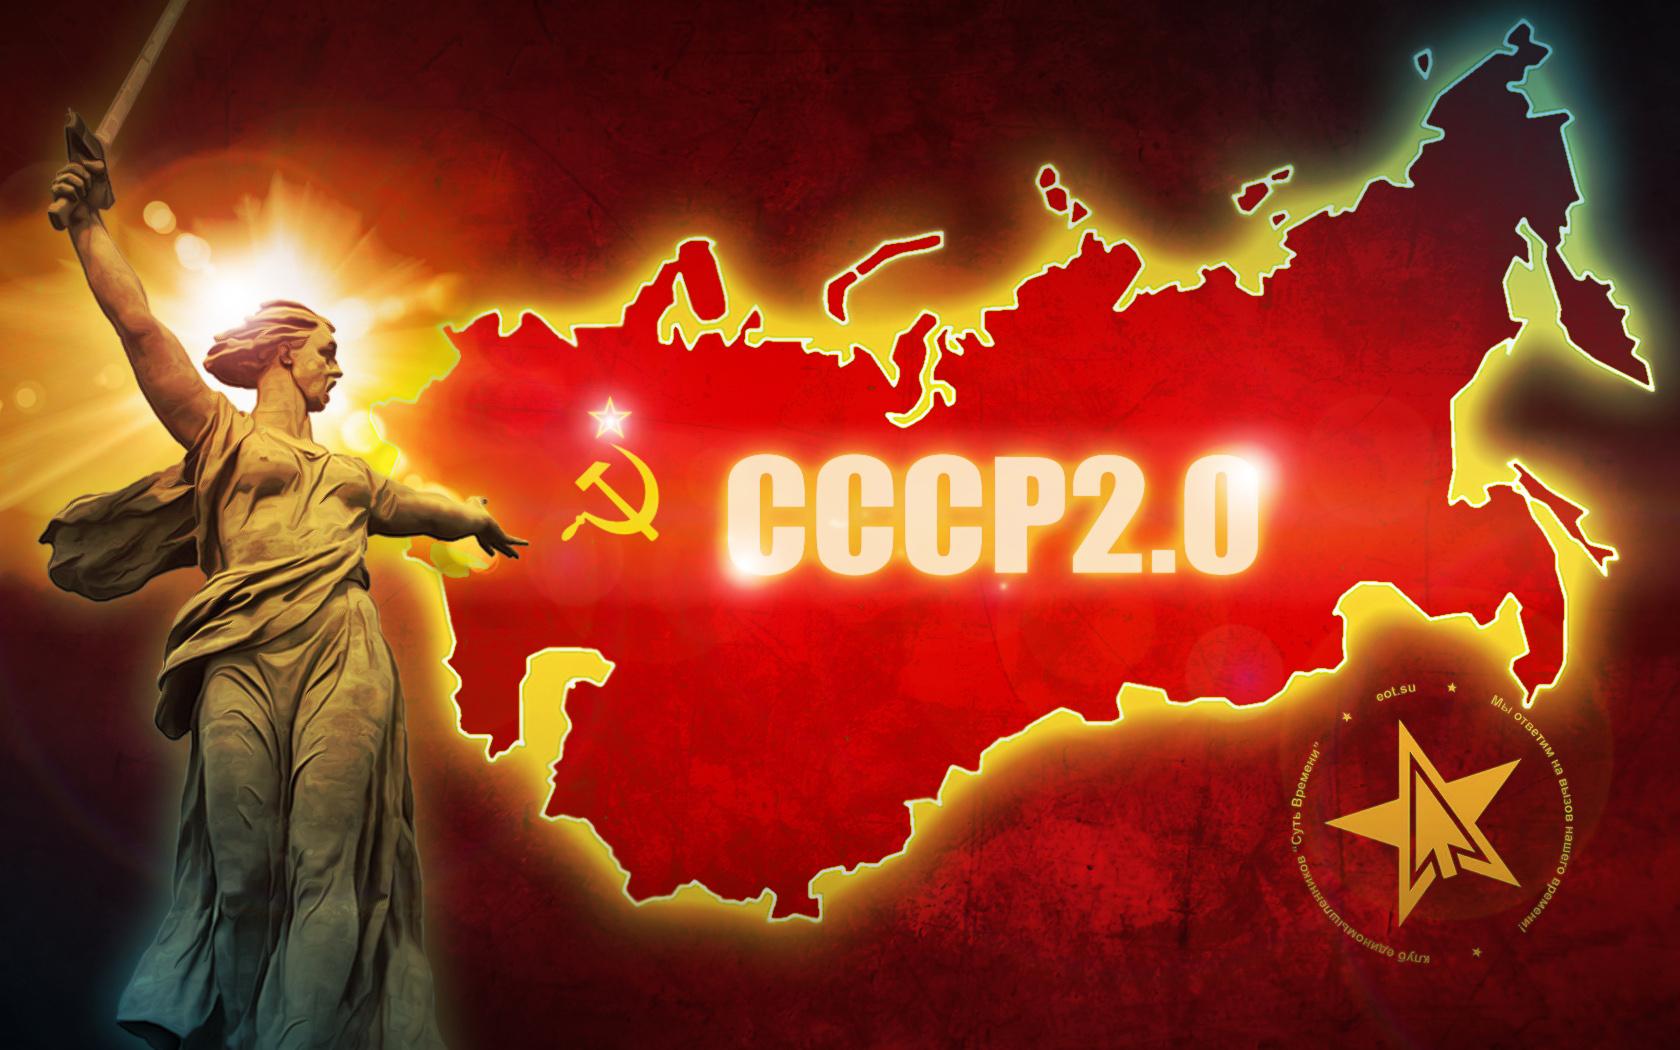 СССР 2.0